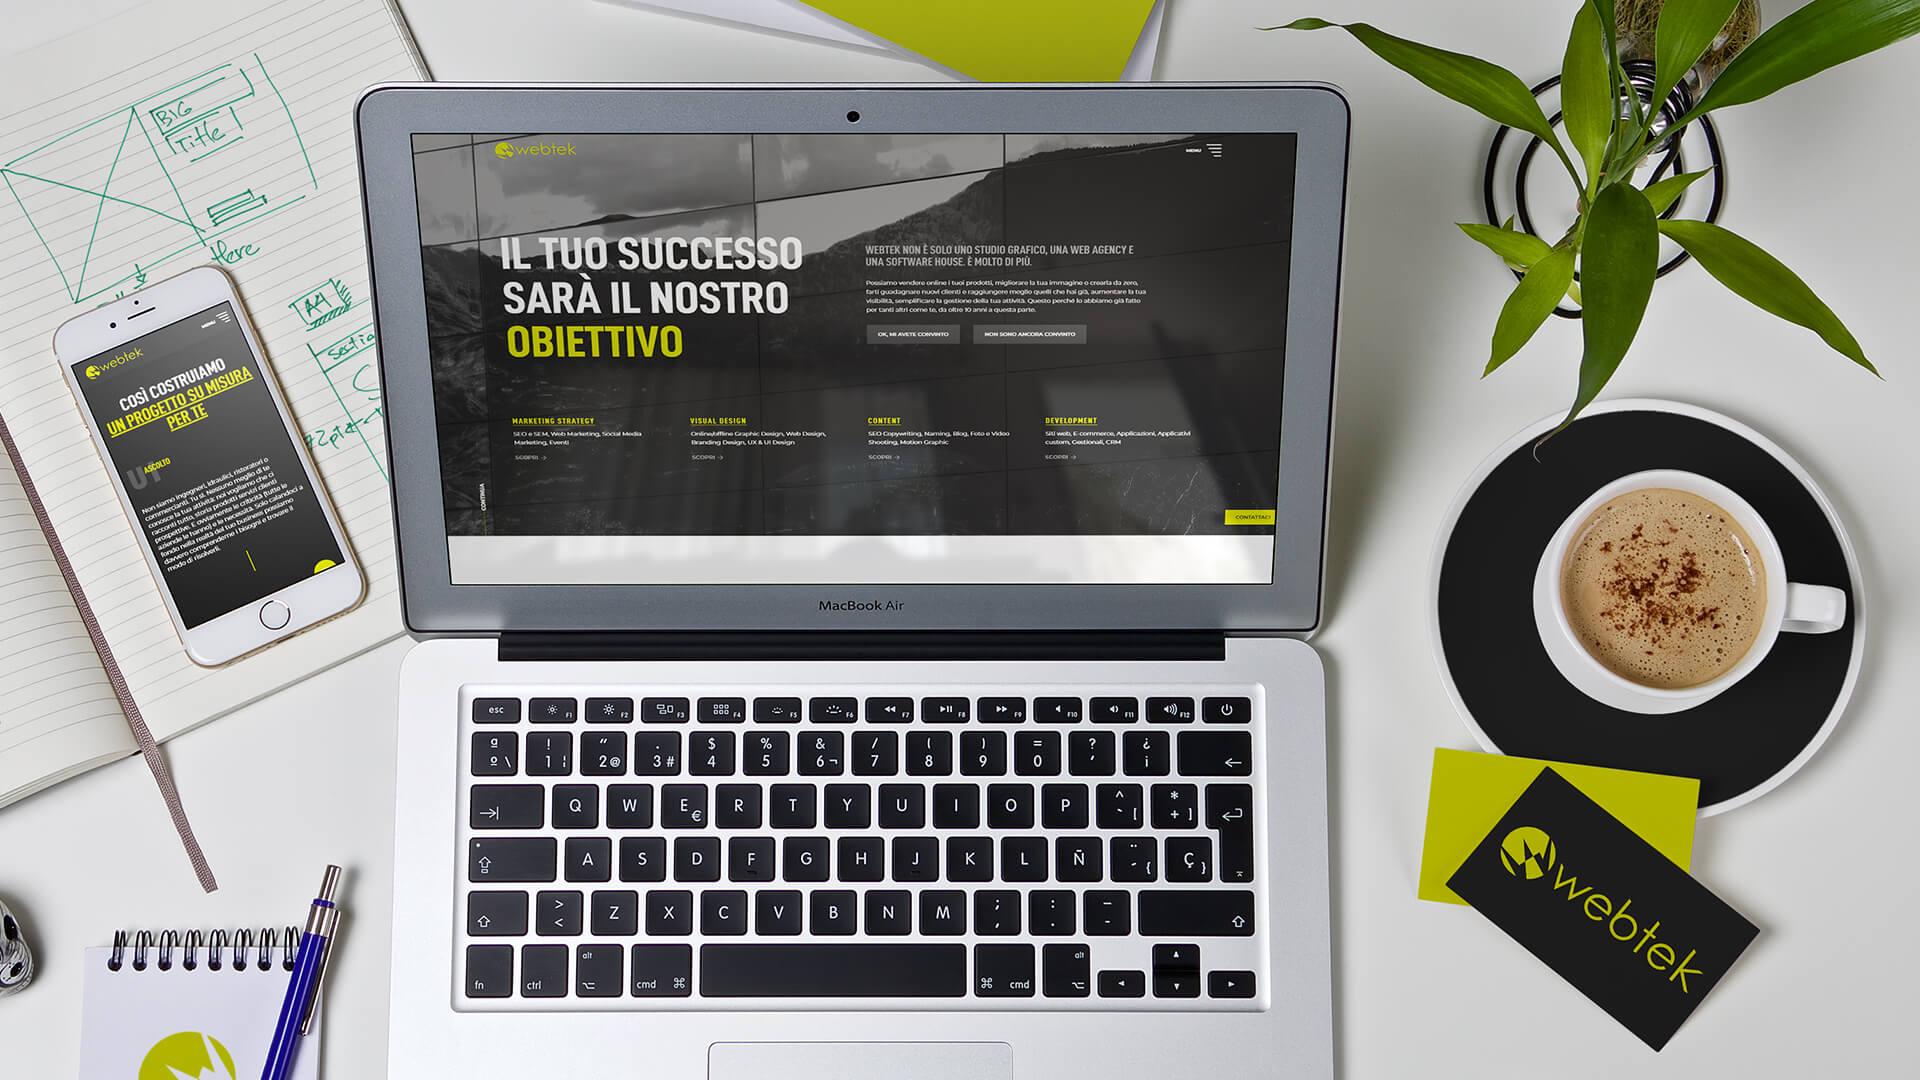 Webtek progetta e sviluppa siti web professionali e ottimizzati per i motori di ricerca